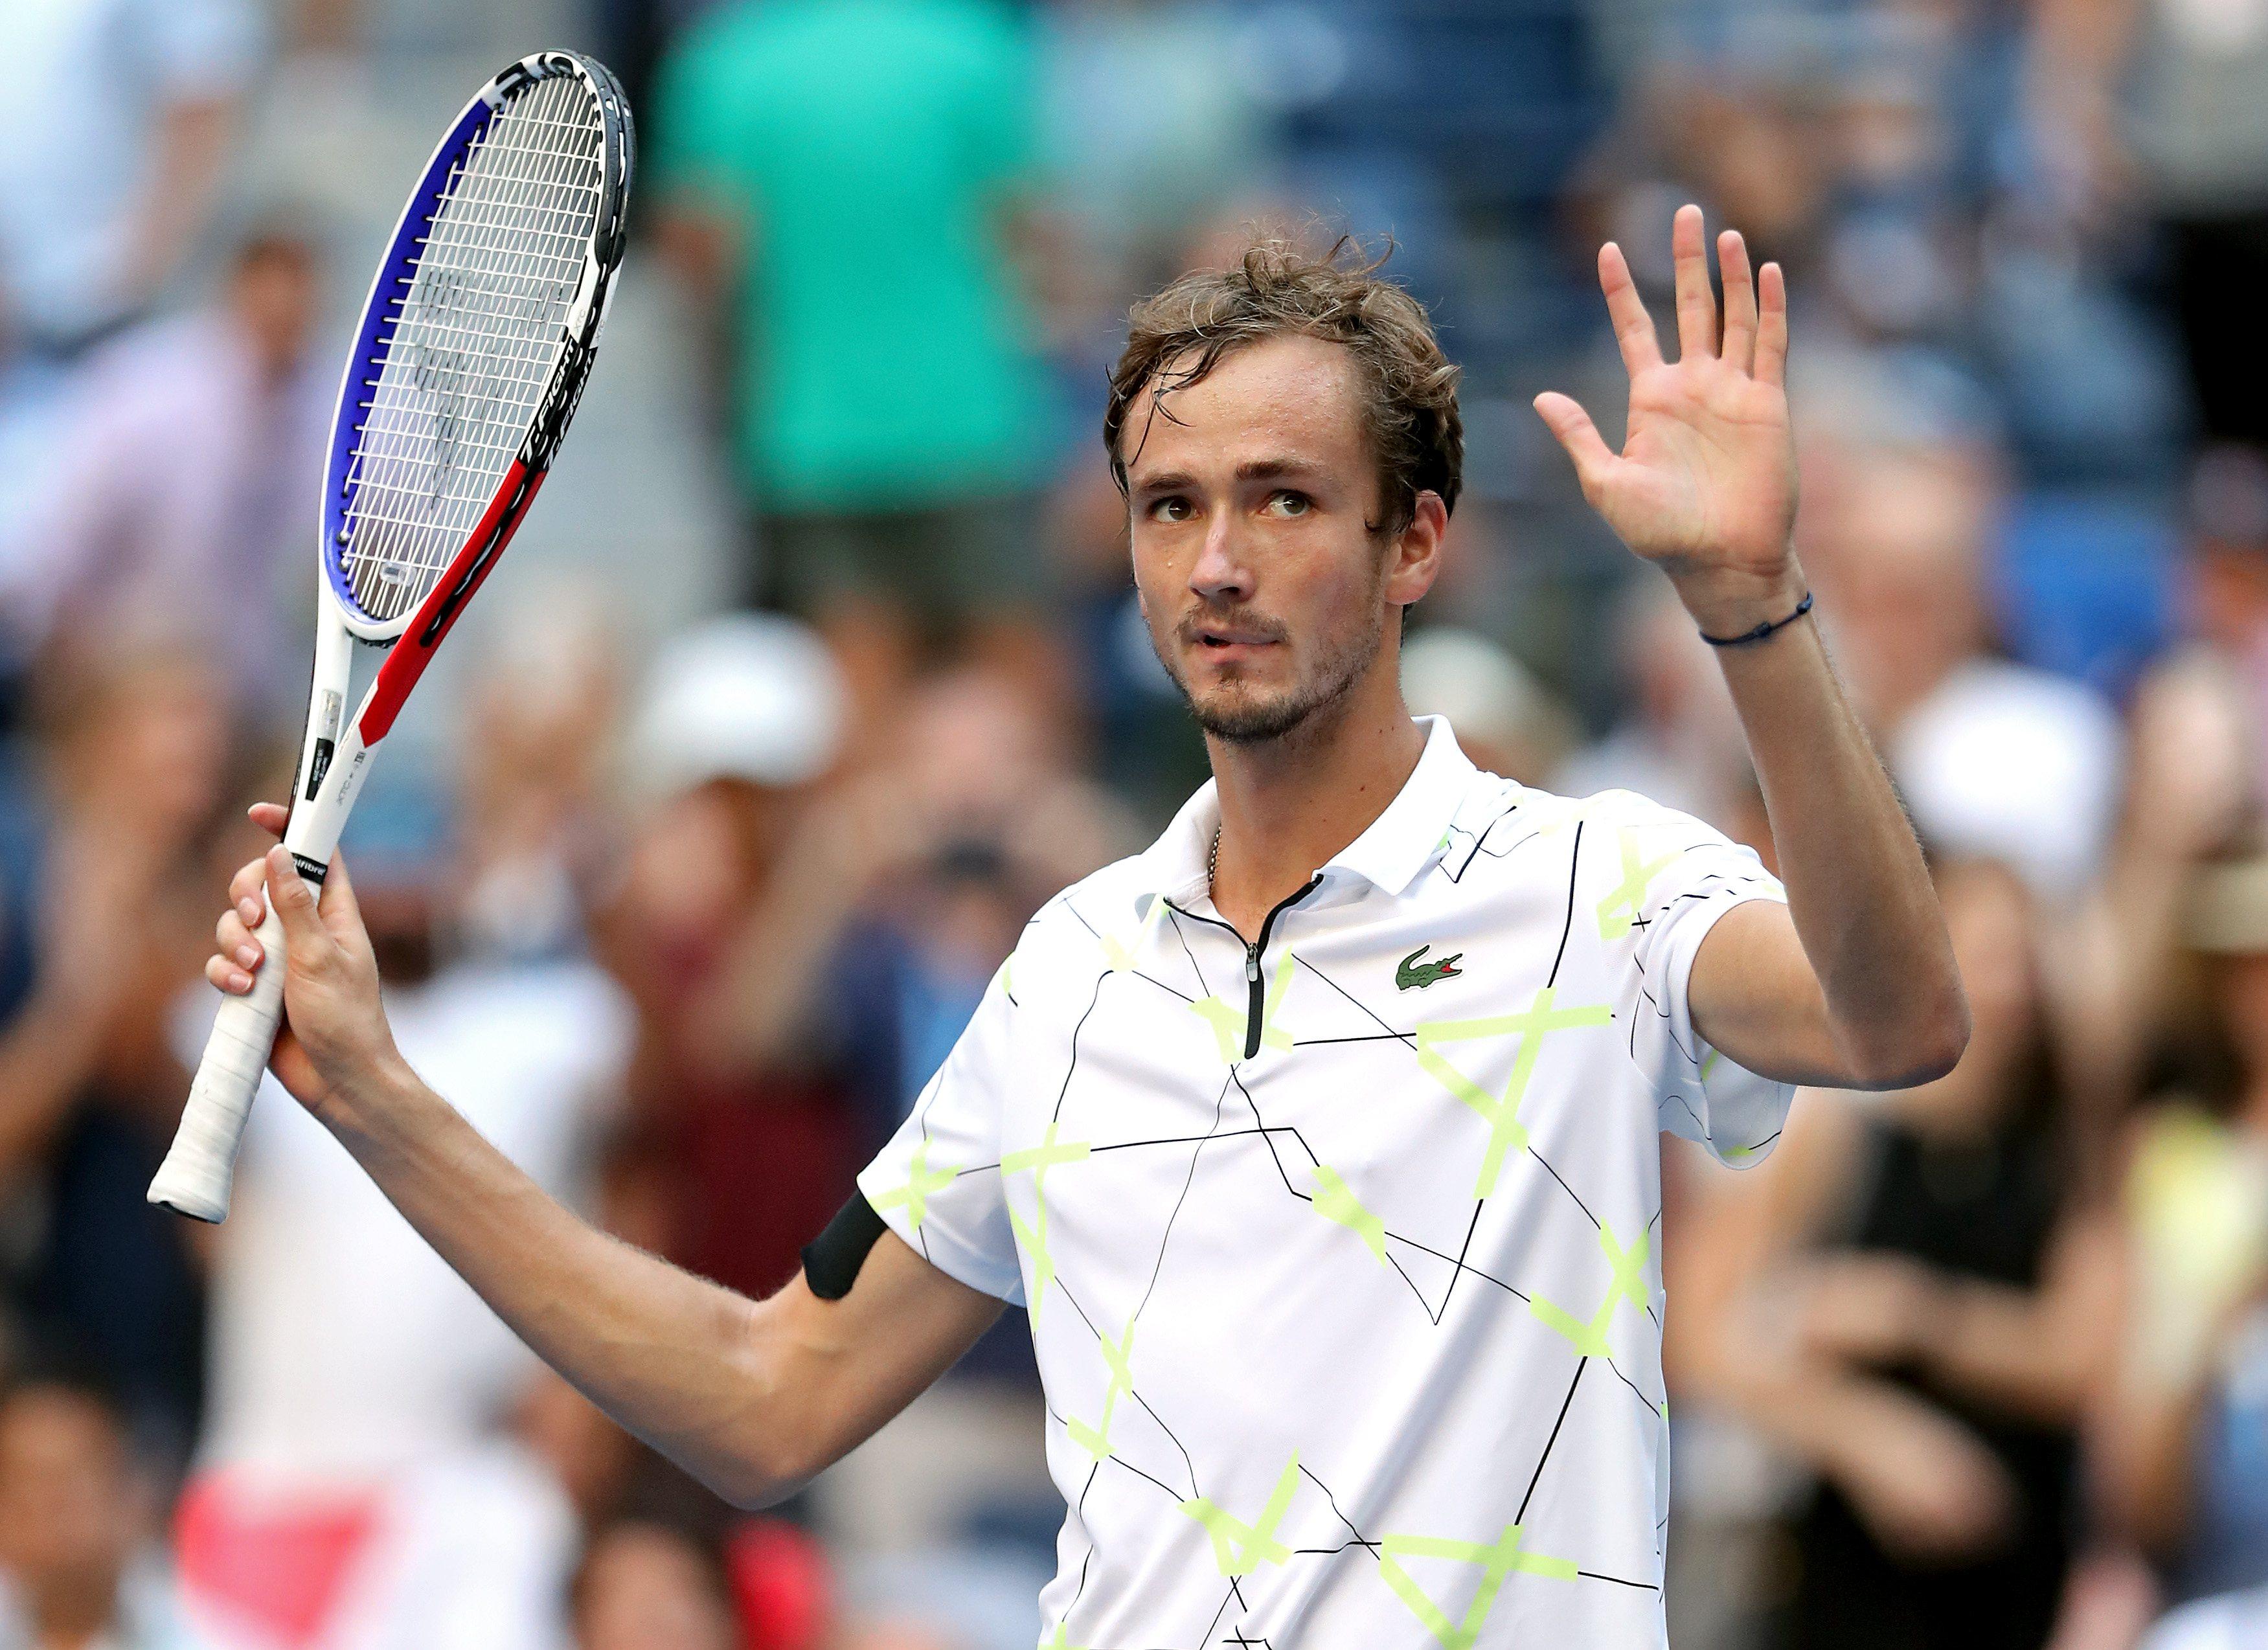 Puchar Davisa. Daniił Miedwiediew nie wybiera się do Madrytu